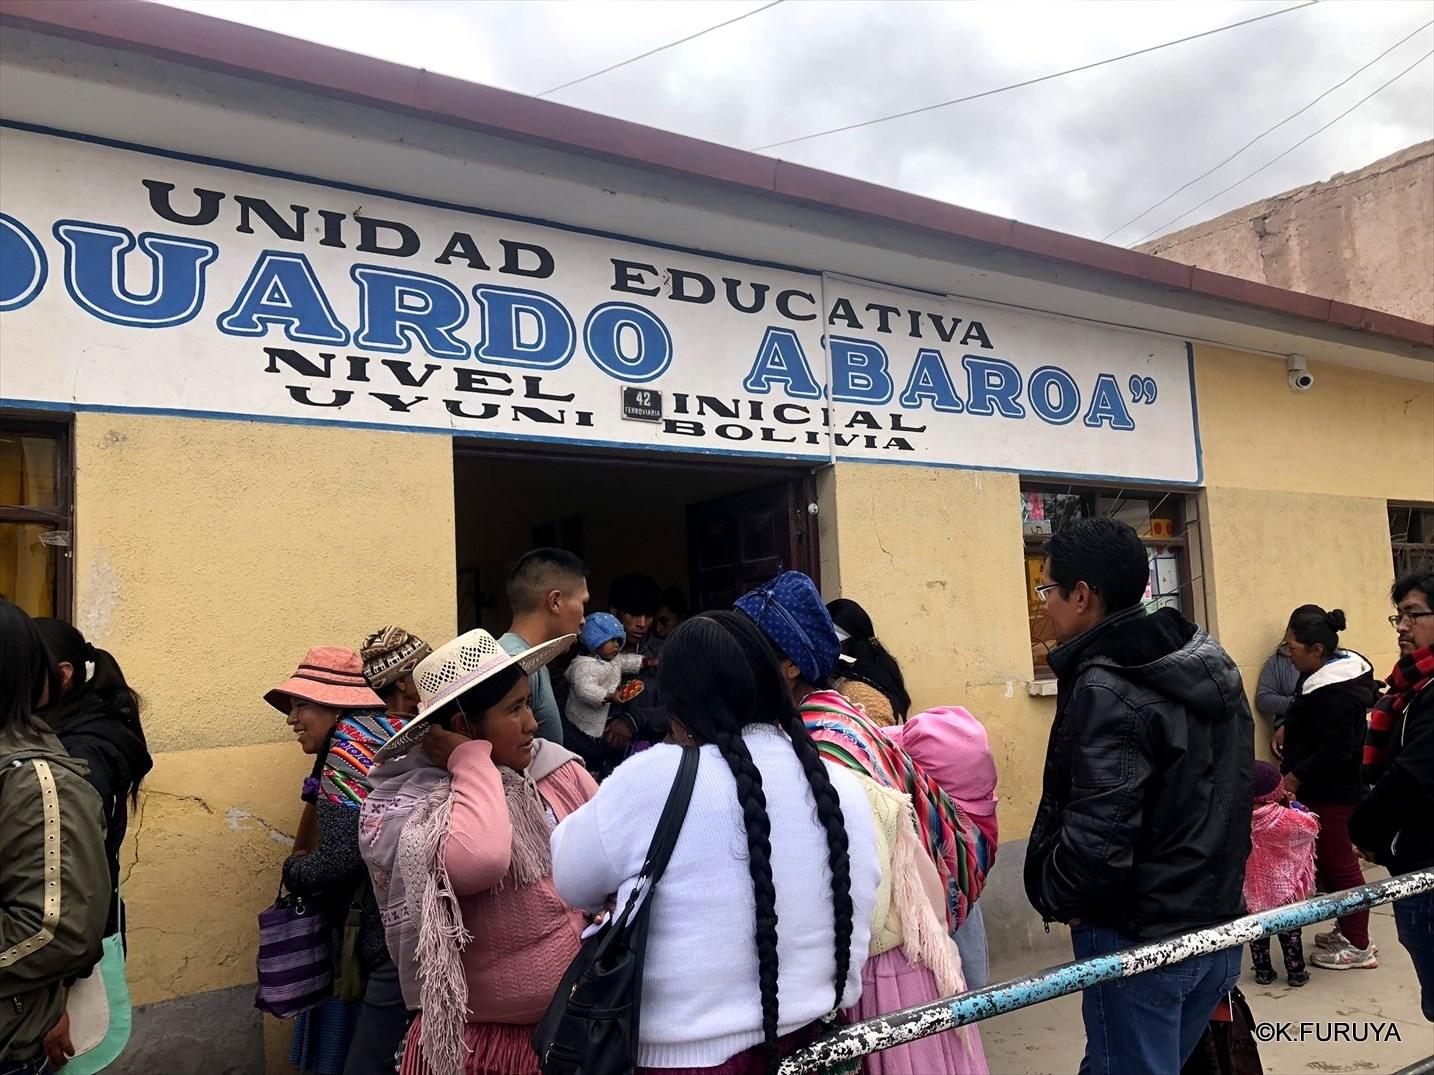 中南米の旅/25 ウユニのメインストリート@ボリビア_a0092659_16521502.jpg